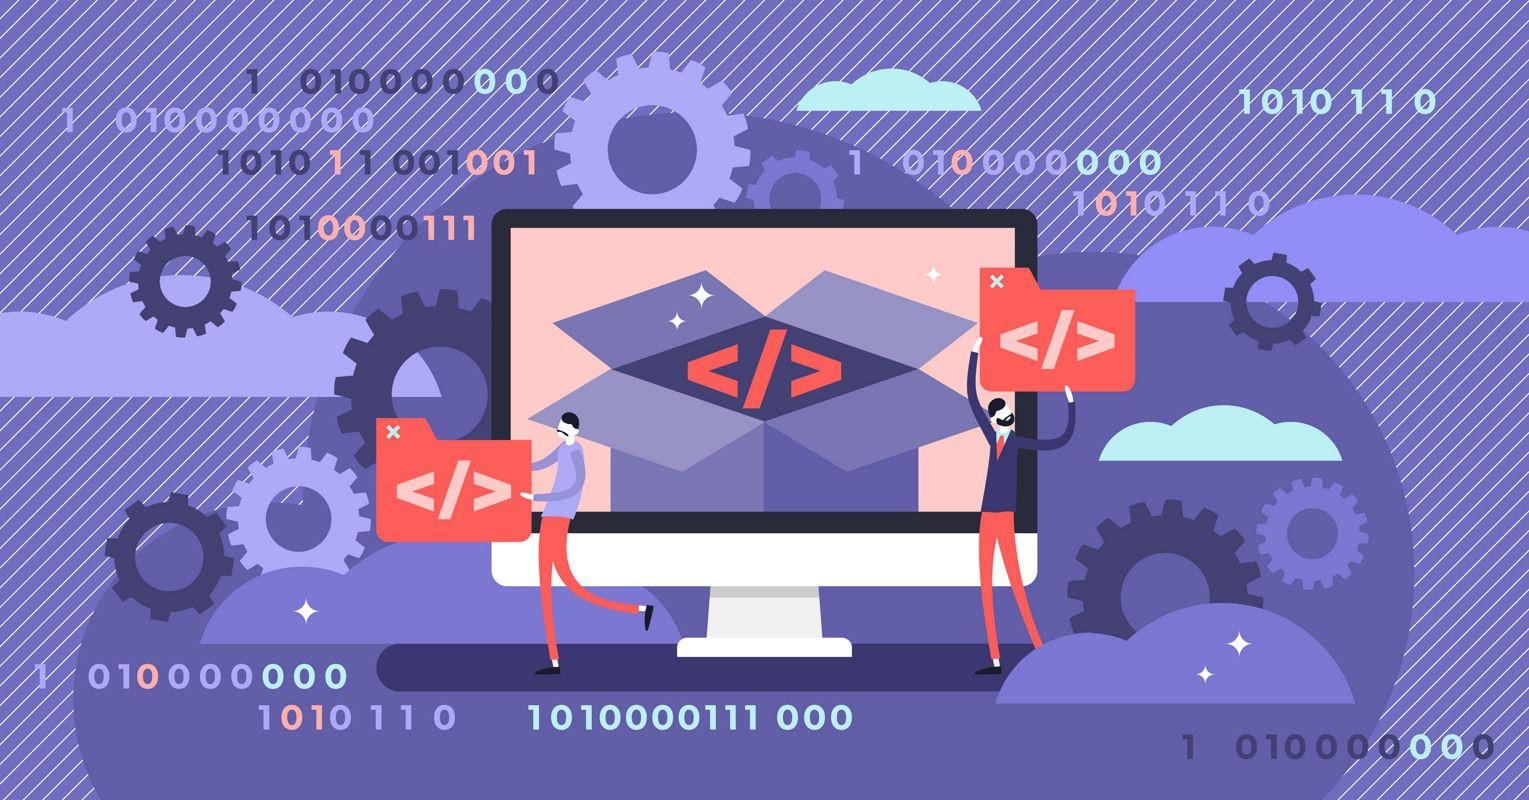 dia-mundial-del-software-libre:-por-que-se-celebra-hoy-y-cuales-son-las-ventajas-de-estos-programas